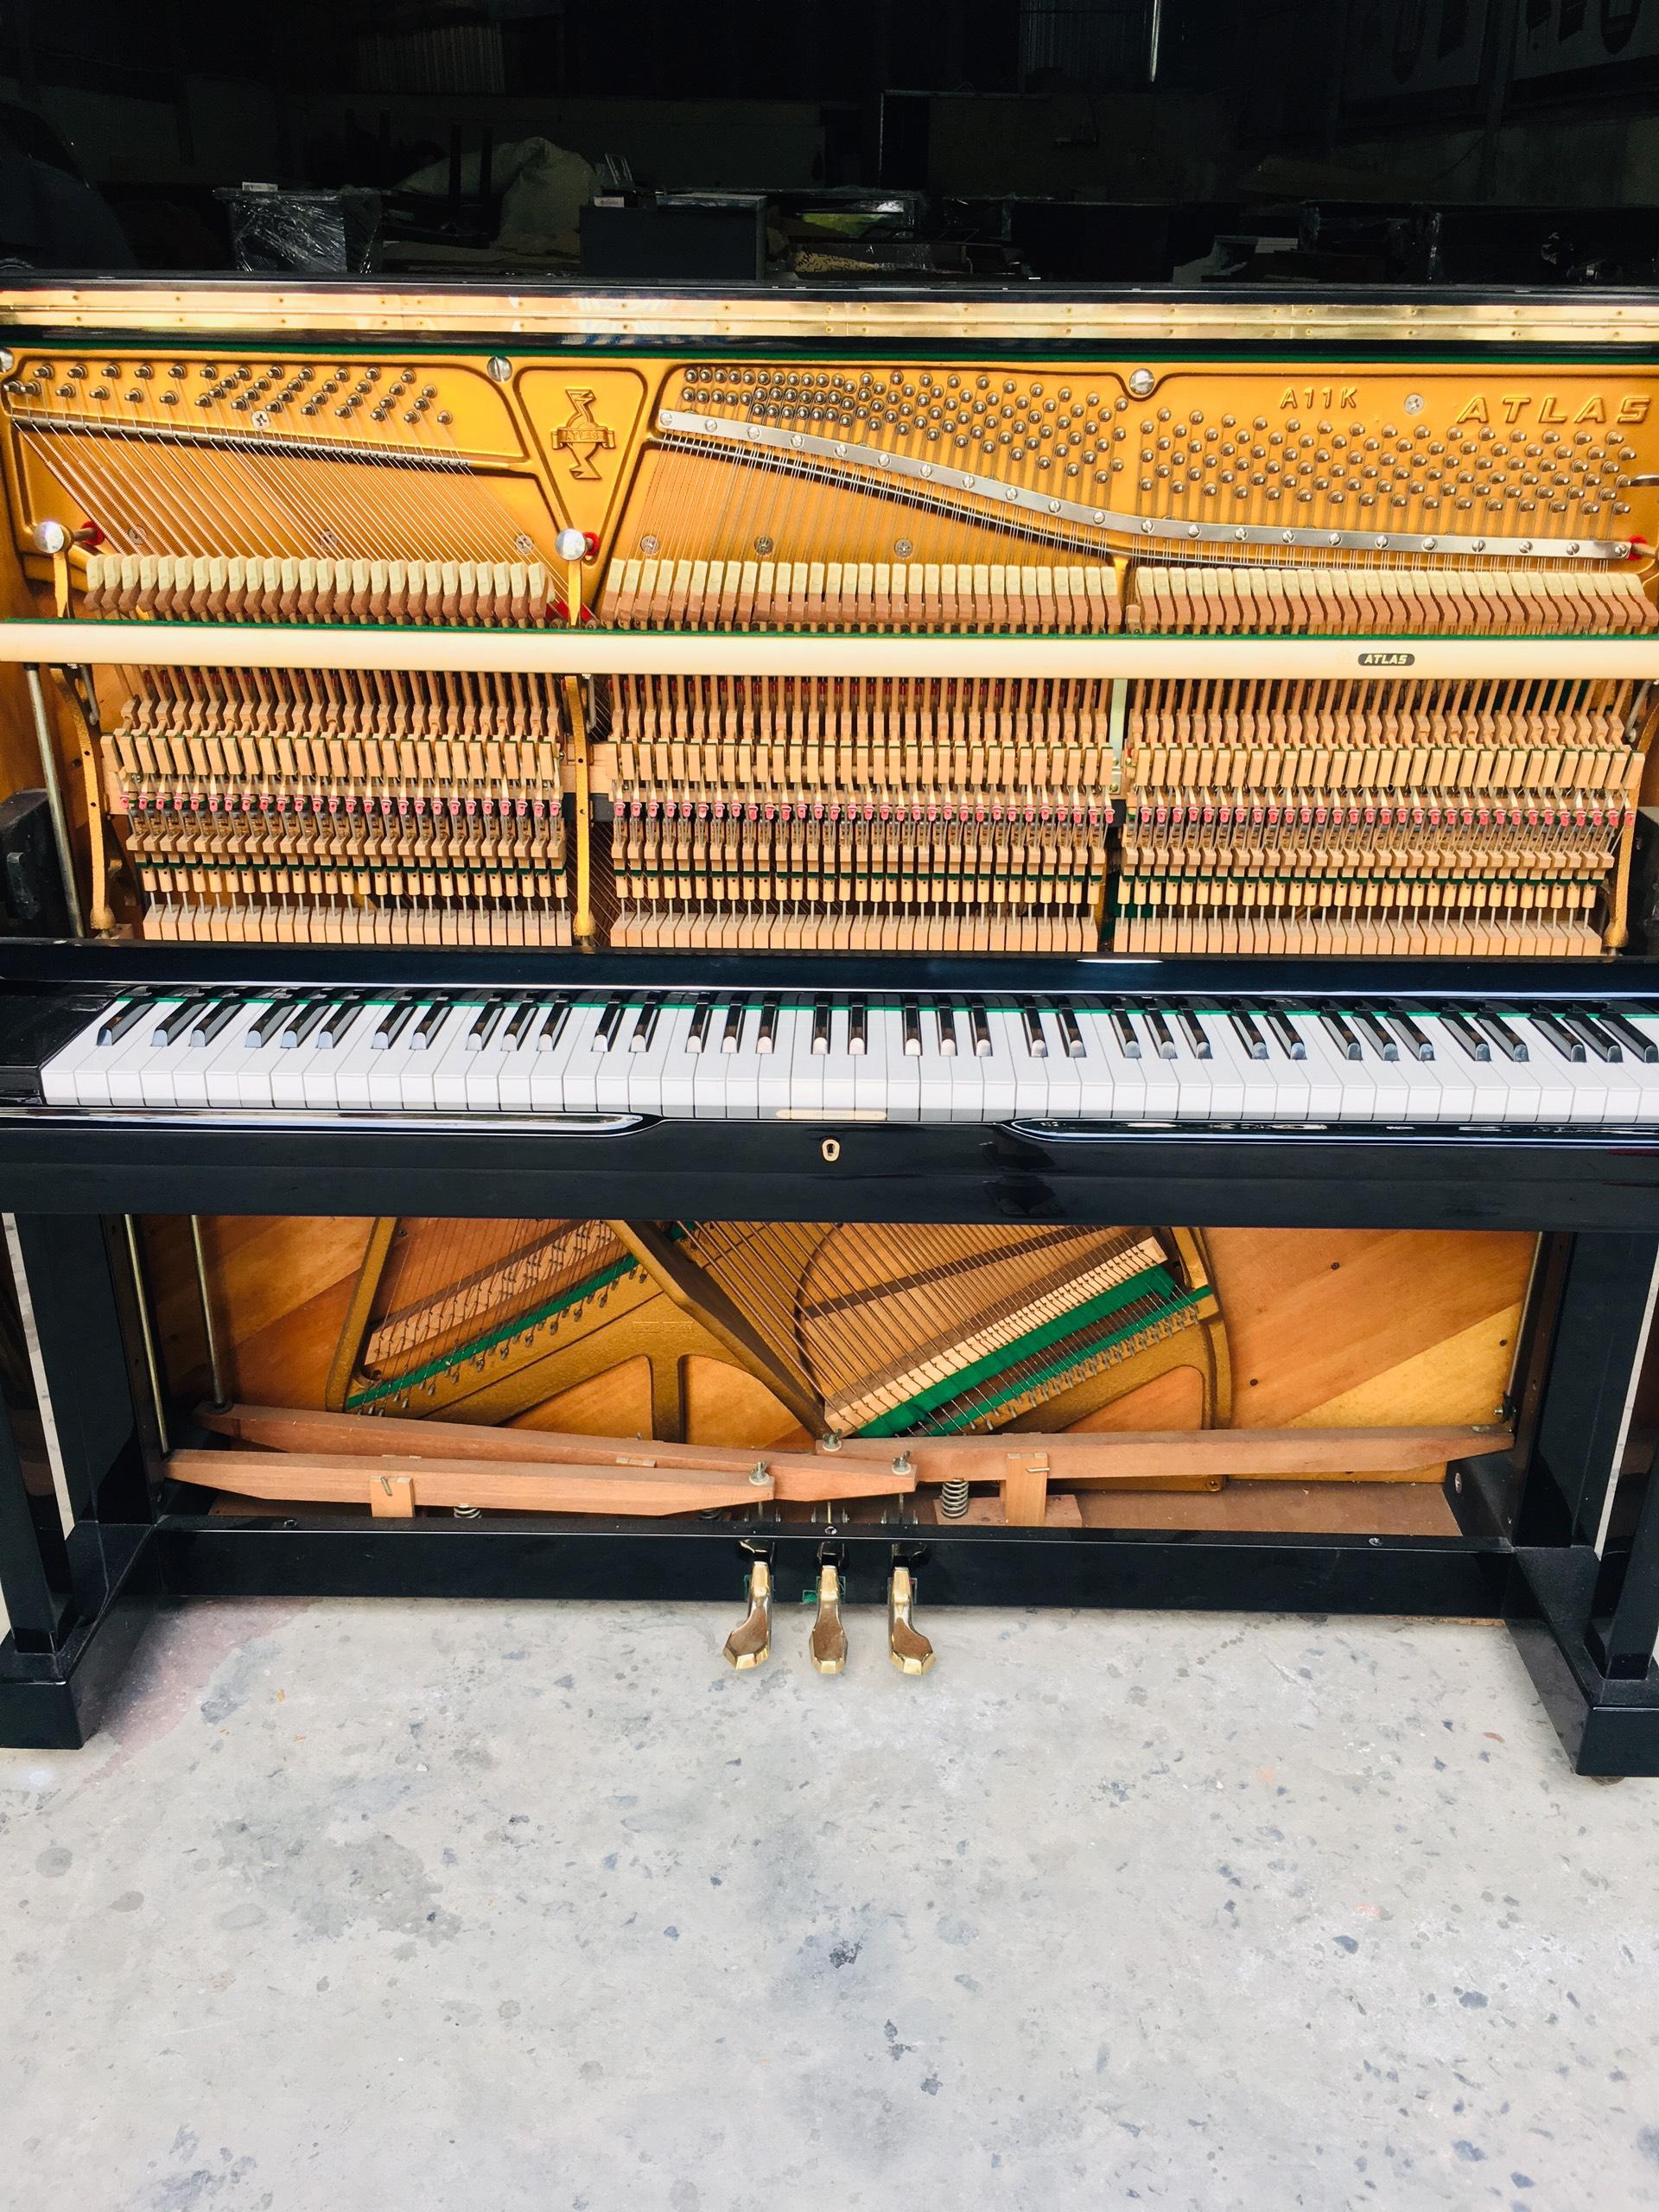 Piano Atlas A11K-4